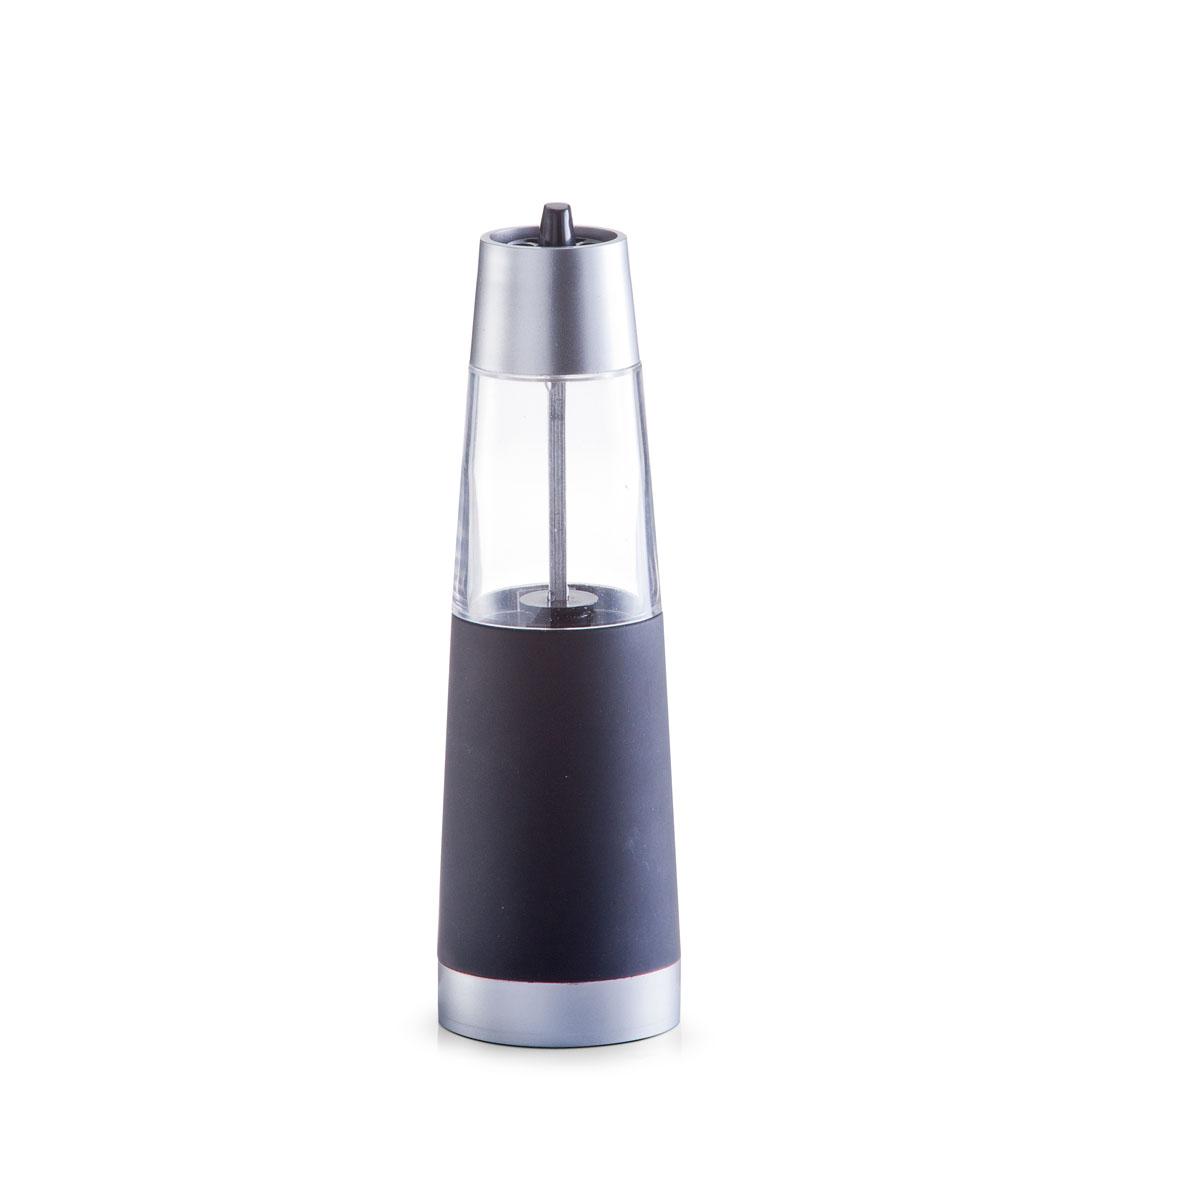 Измельчитель для соли и перца Zeller, электрический, цвет: черный, серебристый, прозрачный, высота 19 см21395599Измельчитель Zeller выполнен в современном стиле и предназначен для перемалывания морской соли и перца. Изделие имеет пластиковое основание и прозрачную емкость. Мельница оснащена регулируемым керамическим механизмом помола. Чтобы привести механизм в действие нужно просто нажать кнопку и она автоматически начнет перемалывать. Измельчитель Zeller добавит вашим блюдам яркие вкусовые краски. Изделие удобно в использовании и имеет стильный дизайн, который станет ярким акцентом в интерьере вашей кухни. Работает от 6 батареек типа ААА (в комплект не входят).